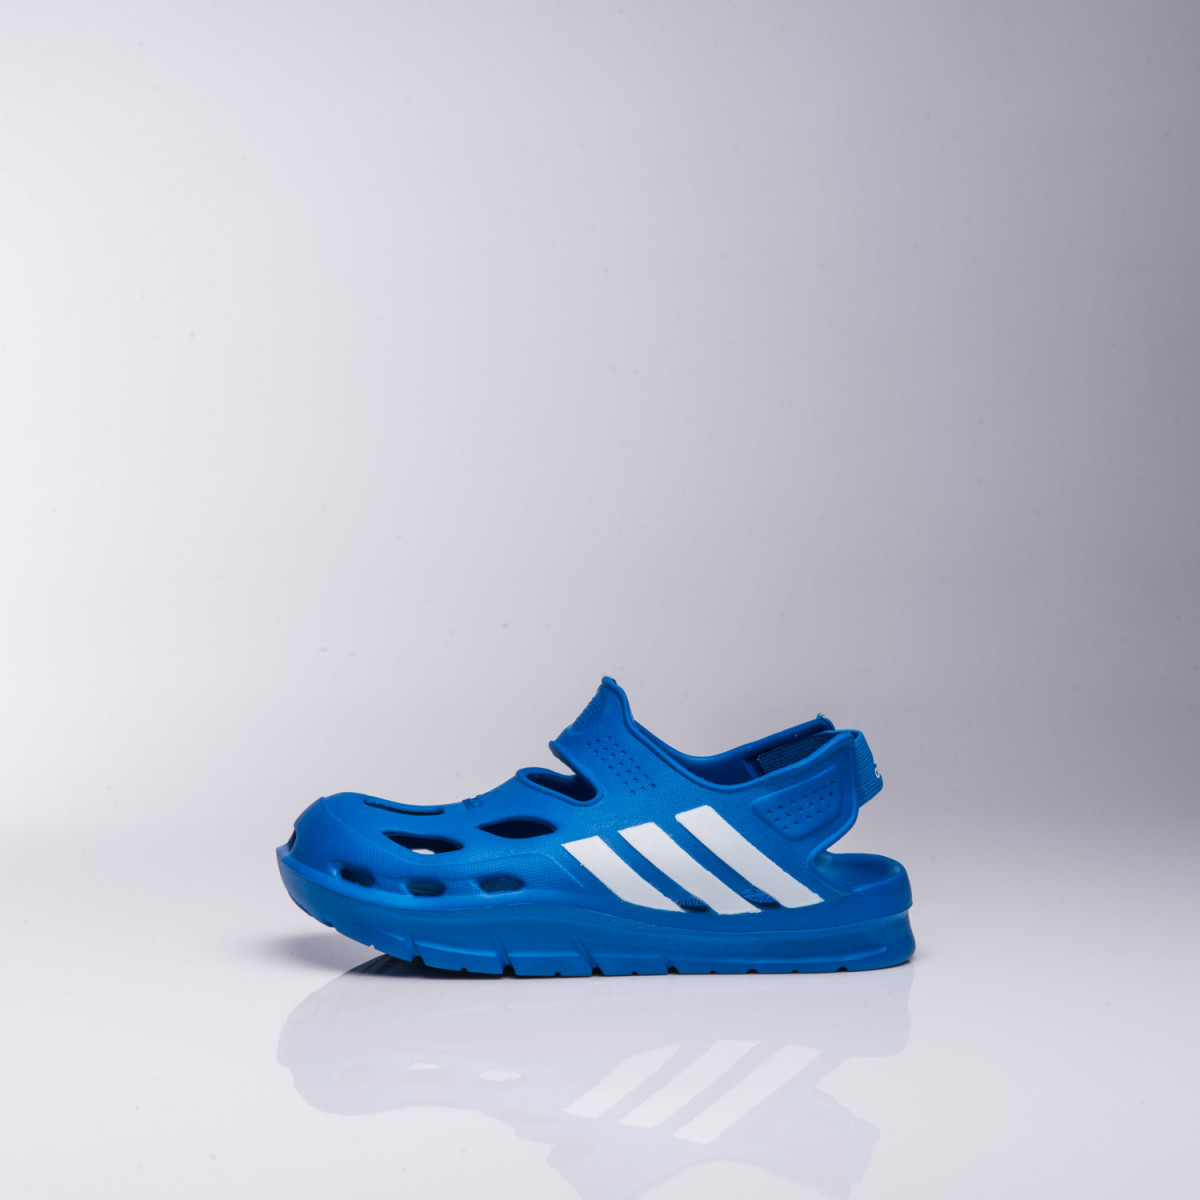 Sandalias Adidas Varisol Kids